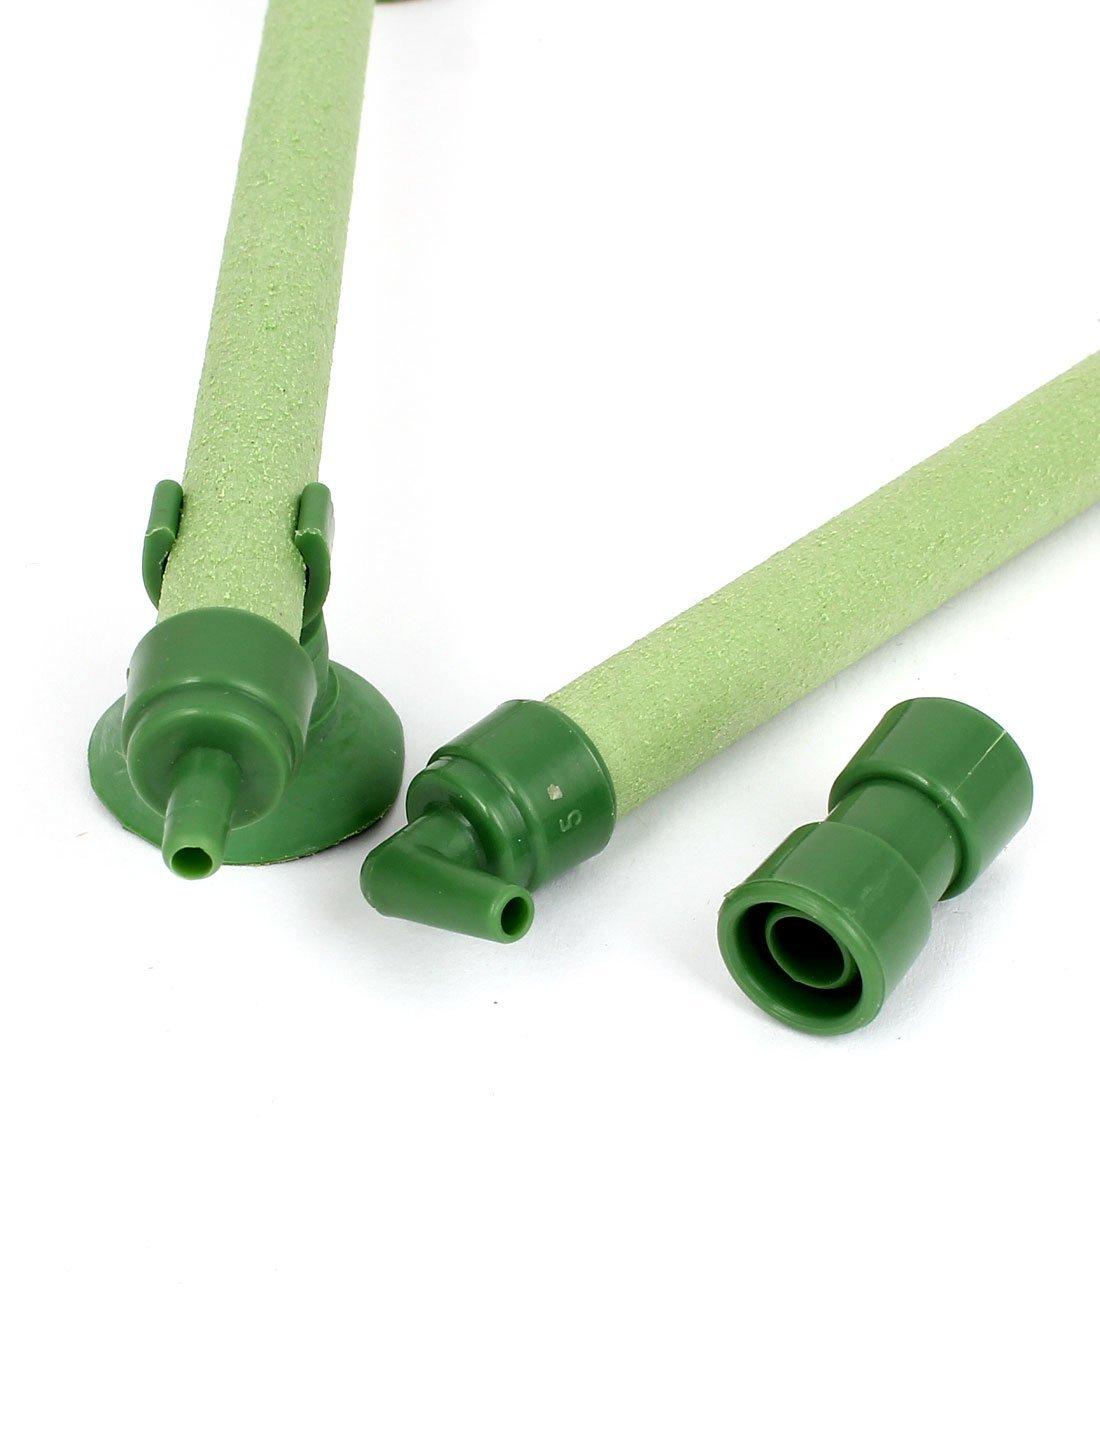 Amazon.com : eDealMax tubo del diseño de acuario de la burbuja de aire Muro de Piedra decoración DE 14 pulgadas entero Verde : Pet Supplies